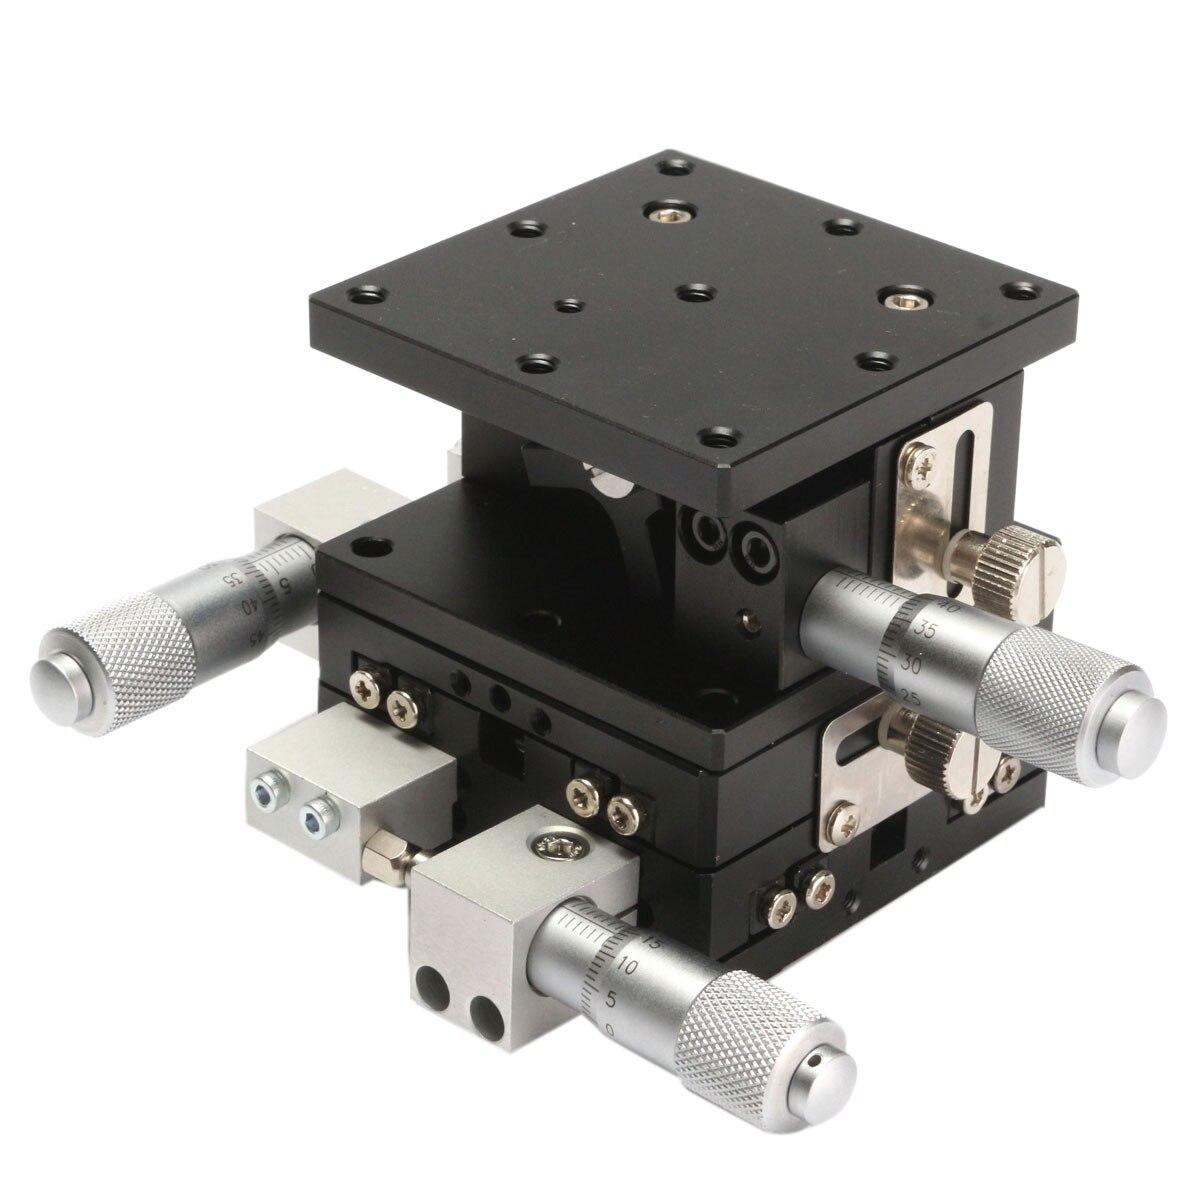 XYZ 60 3-Eixo x 60mm Recorte Plataforma Fase Linear Ajustável Plataforma de Deslocamento Manual Tabela de Deslizamento